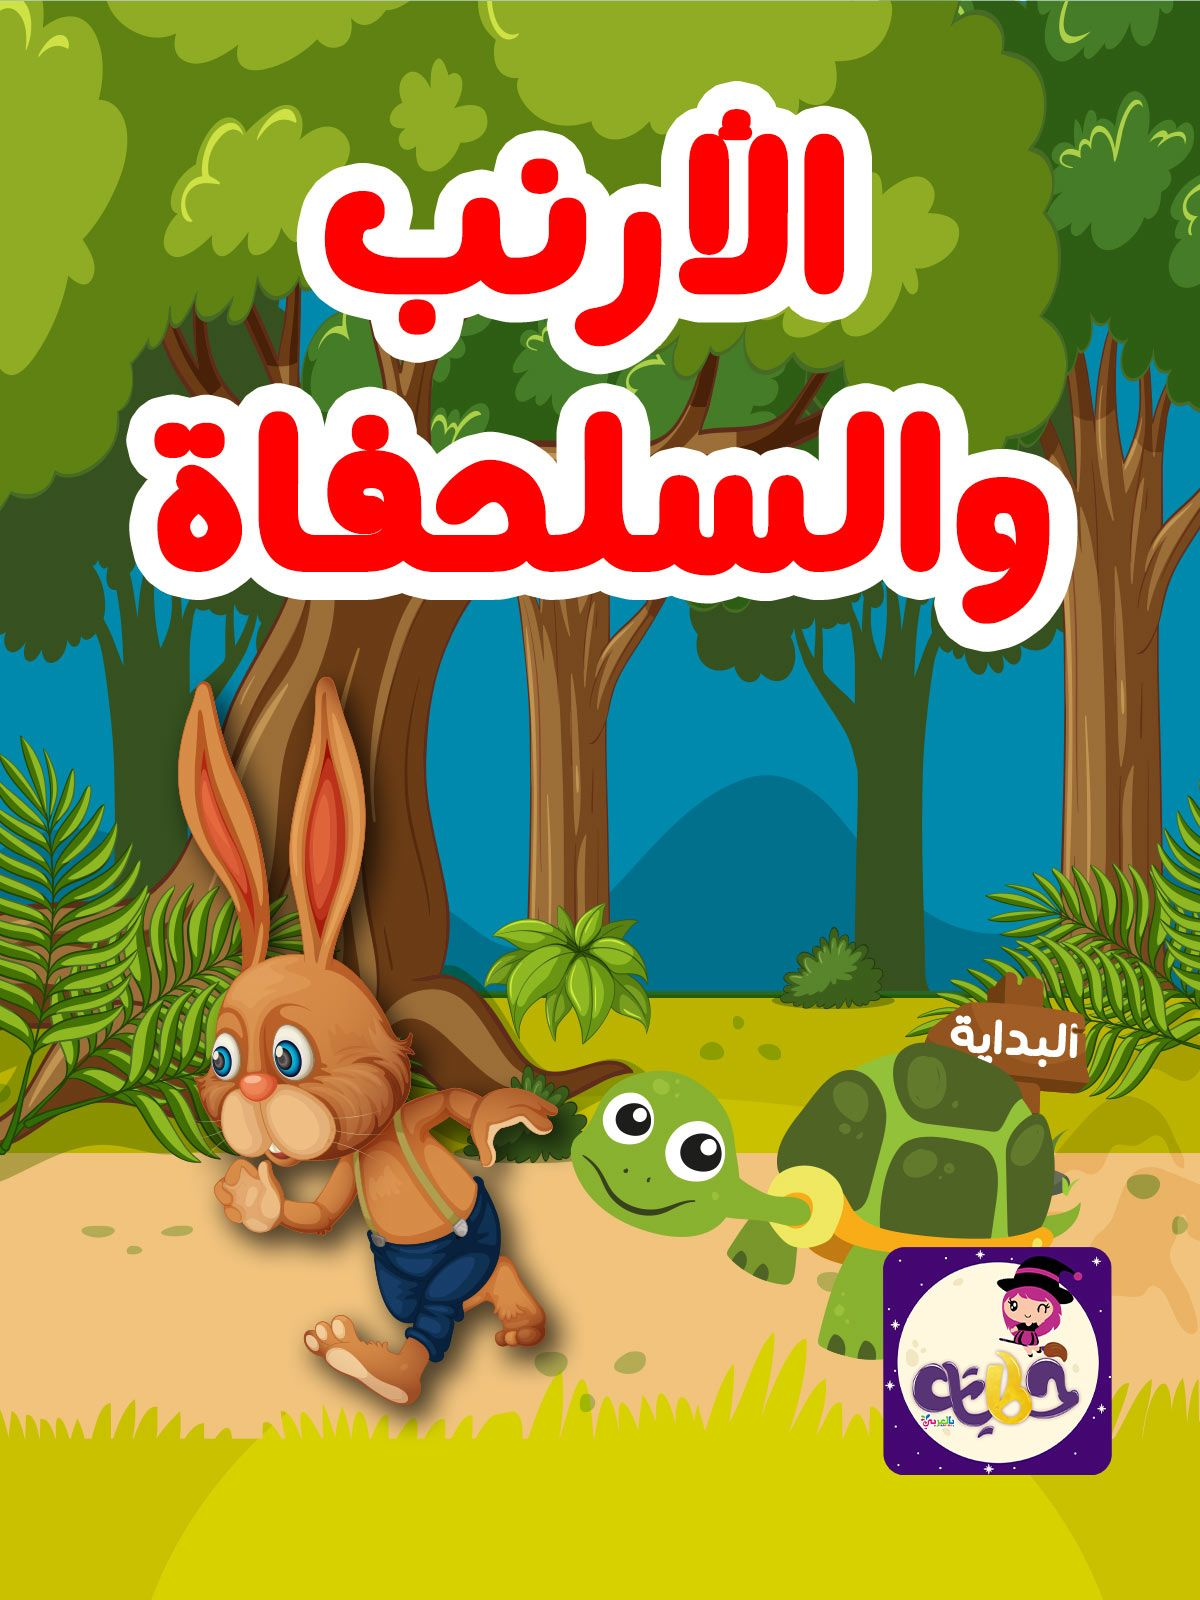 قصة الأرنب والسلحفاة بالعربي نتعلم Arabic Kids Kids Story Books Math Activities Preschool